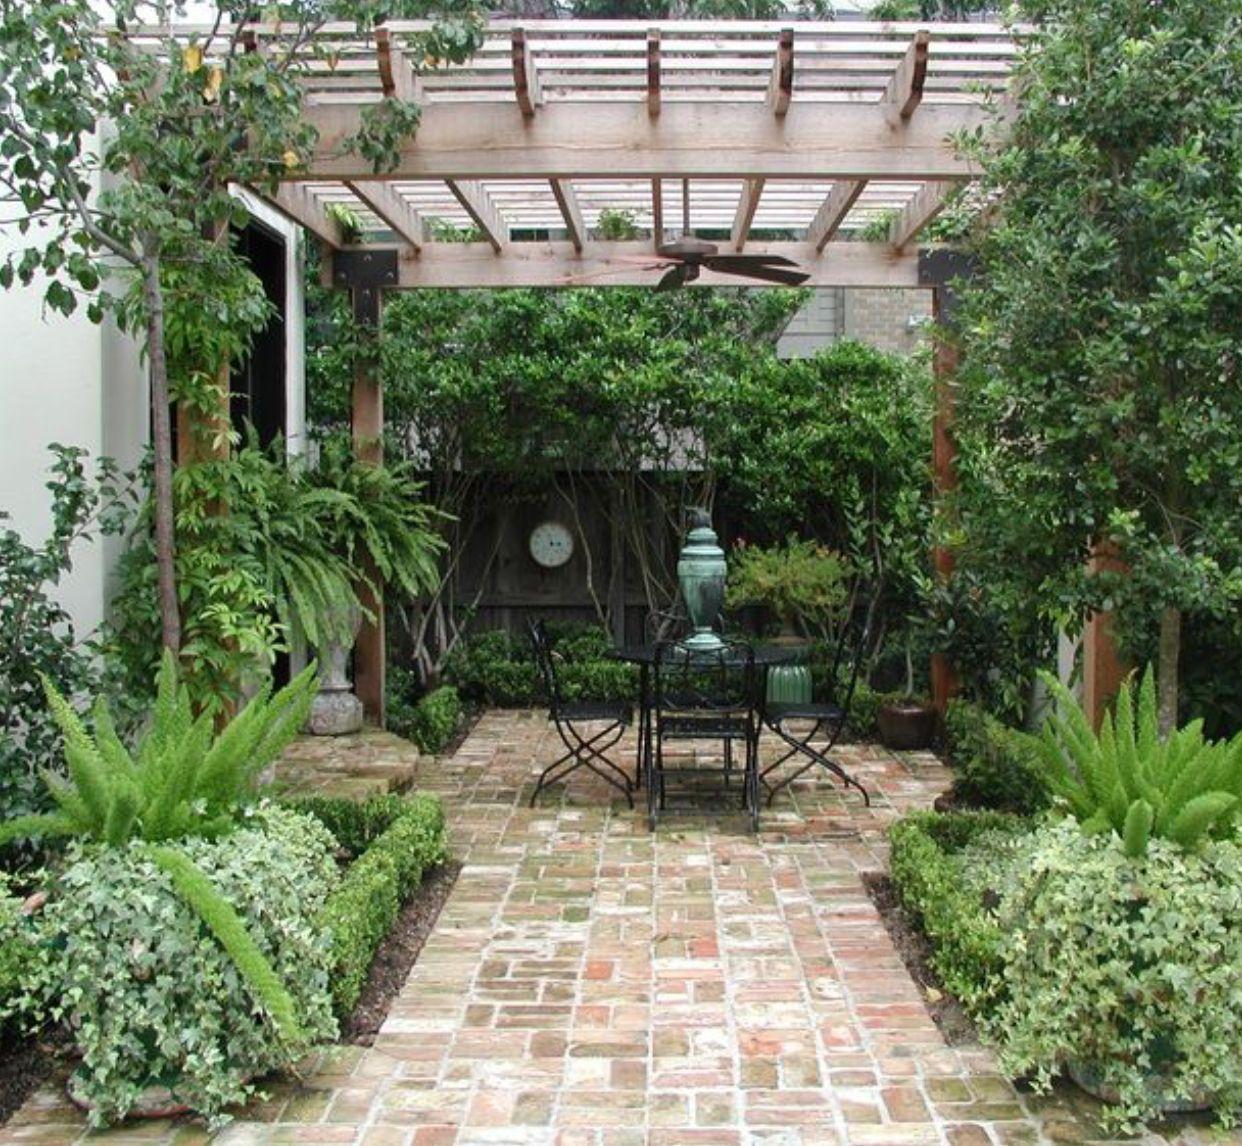 Superbe Canada Garden Supplies Online Garden To Garden,gardeners Supply Burlington  Vt Home And Garden Gardens,i Want To Design My Garden Living Wall Herb  Garden.